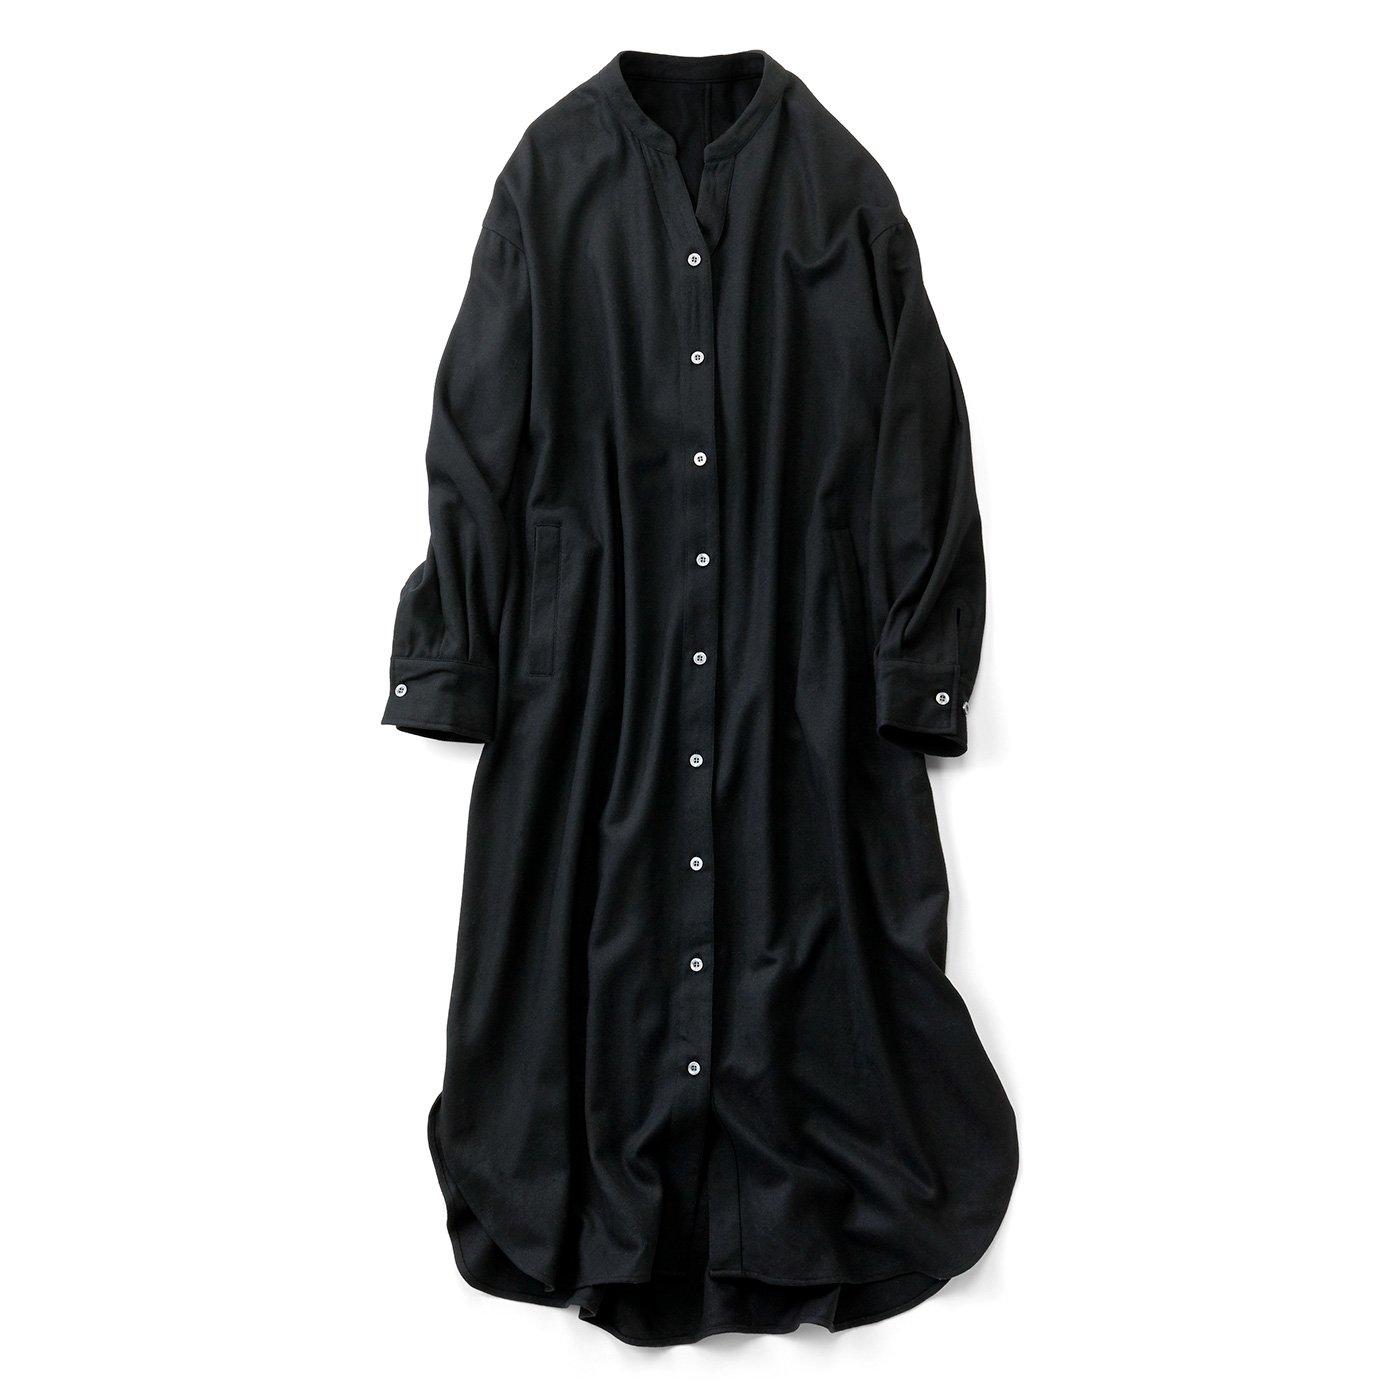 リブ イン コンフォート はまじとコラボ 高見え必至! 着こなし次第でロングシーズン着られる大人ワンピース〈ブラック〉